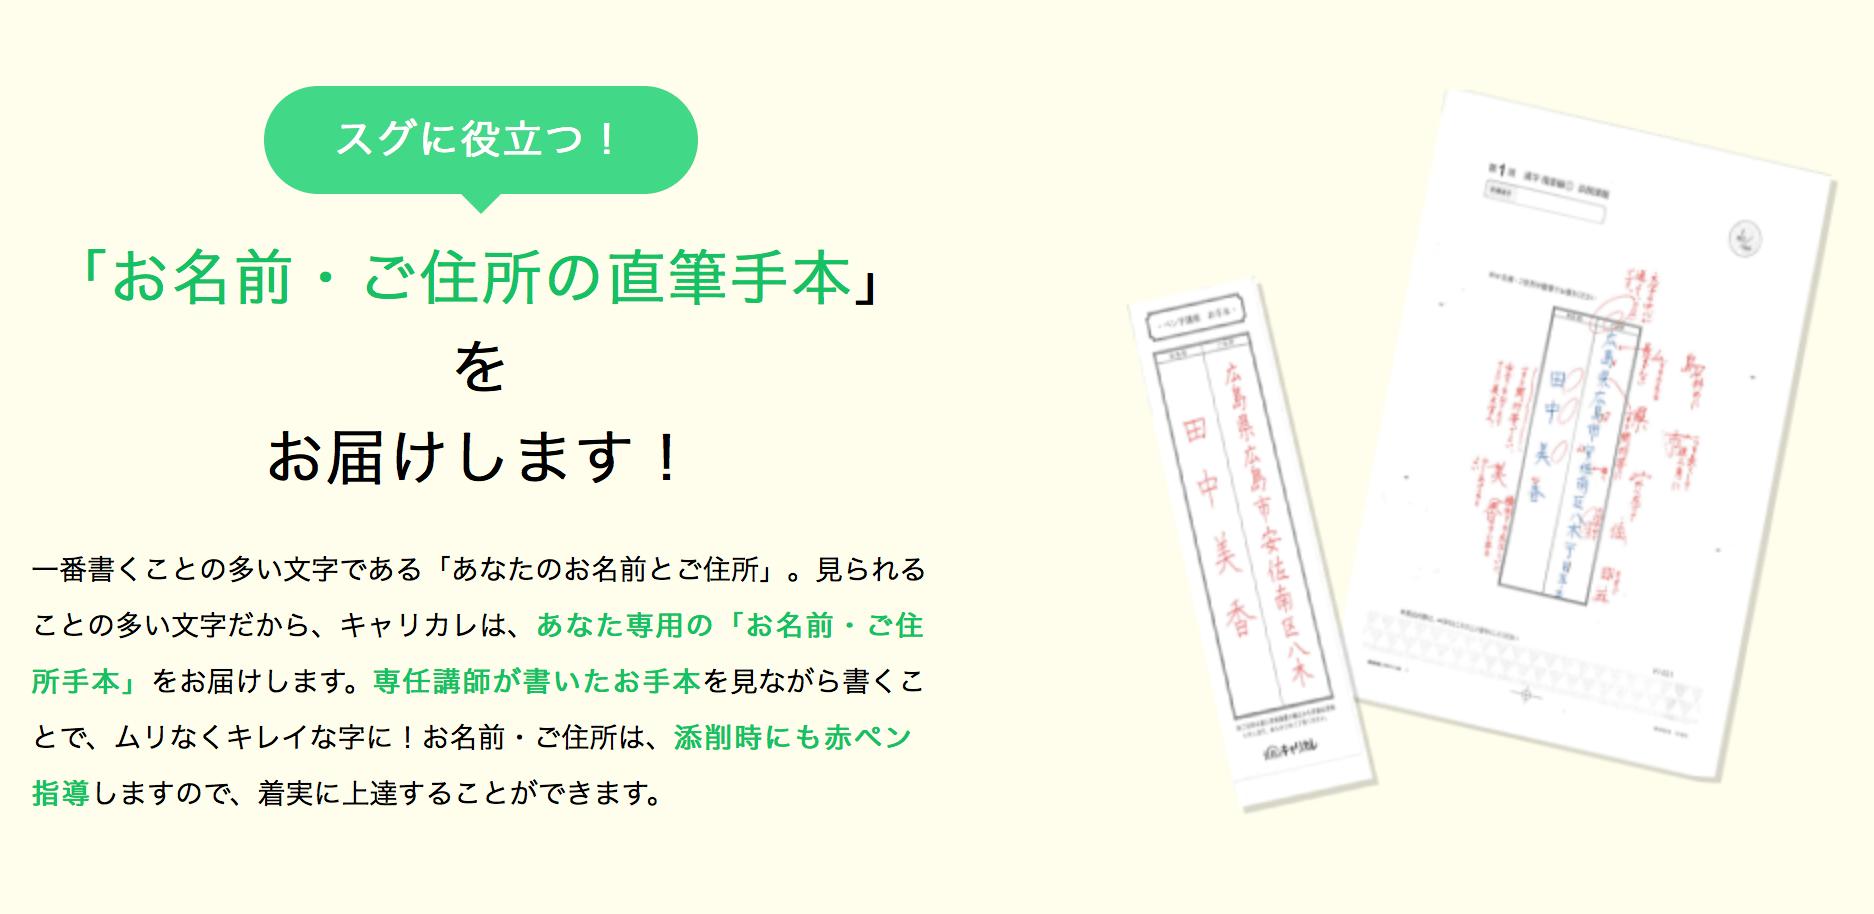 名前・住所のお手本プレゼント